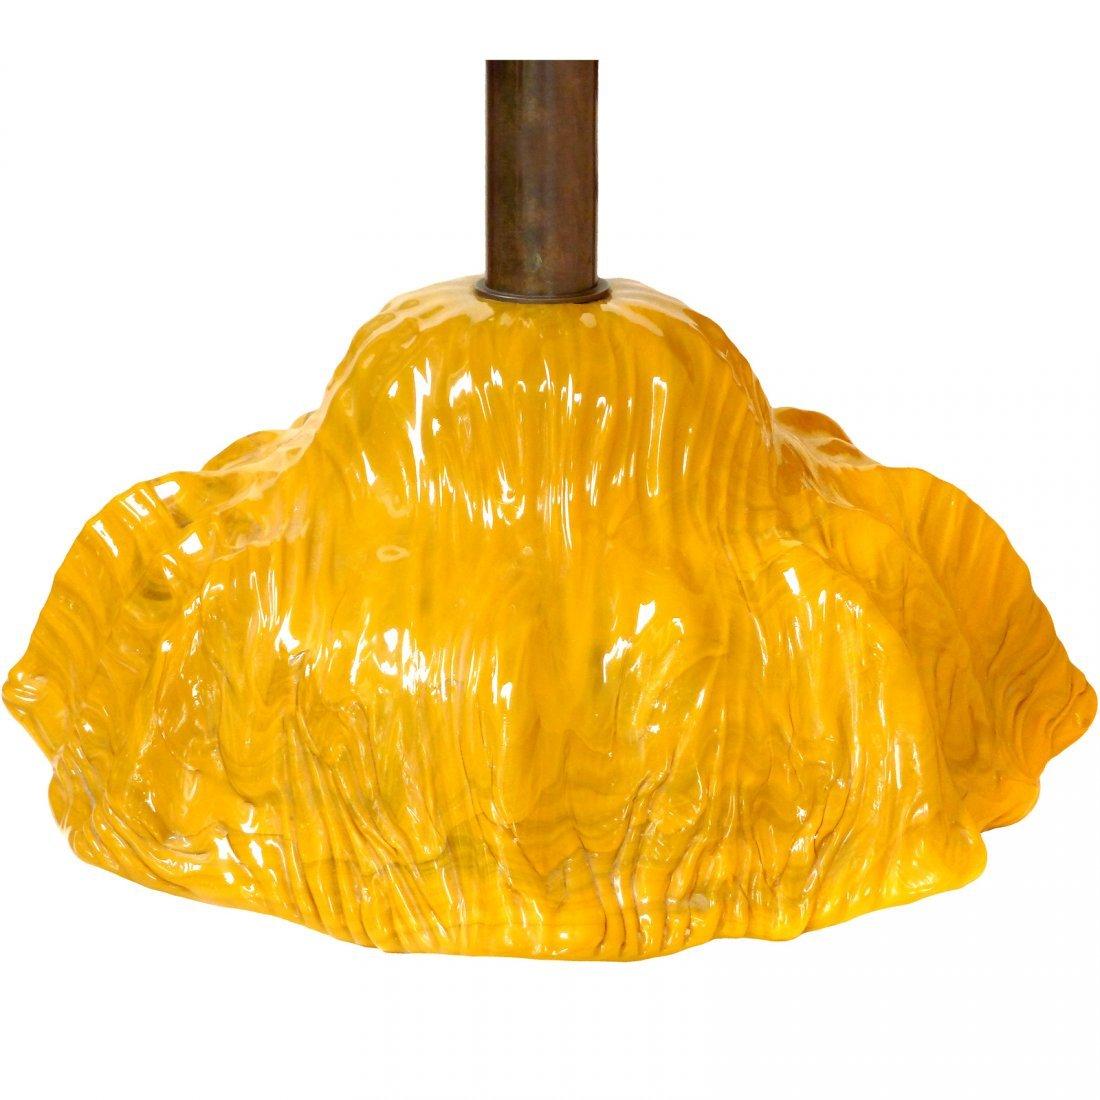 Toni Zuccheri Venini Murano Hanging Lamp